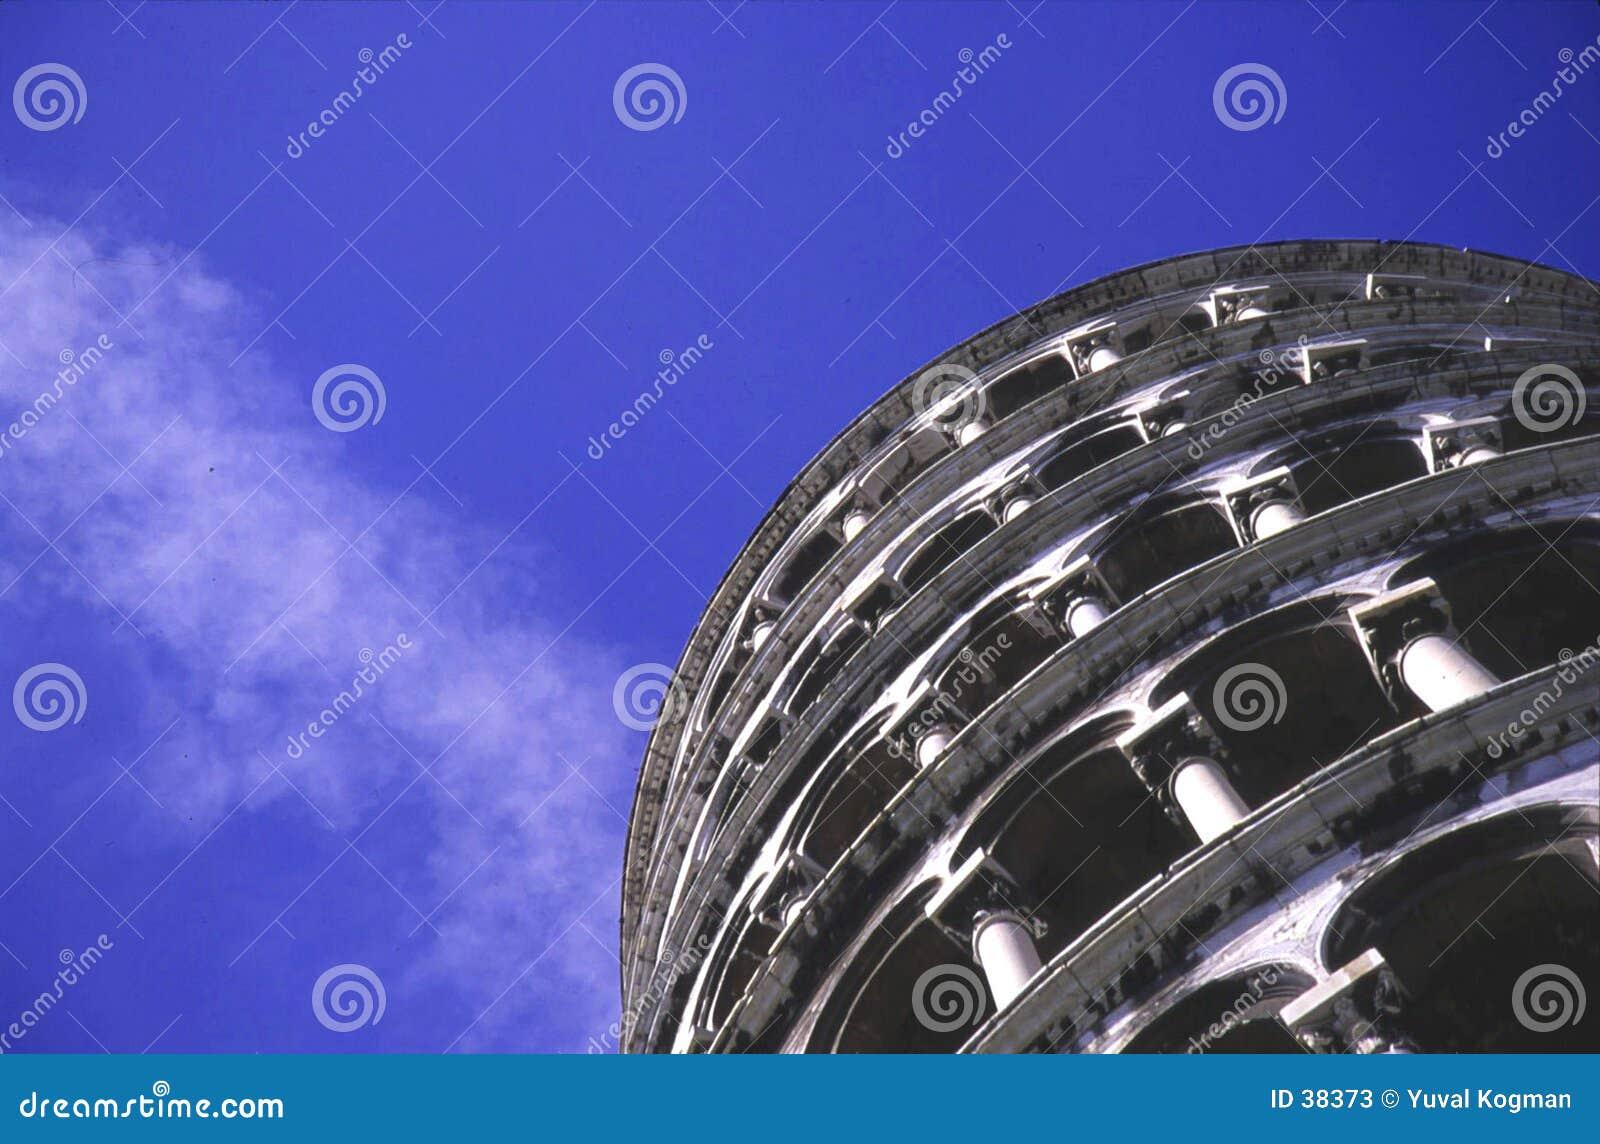 Der lehnende Kontrollturm von Pisa von unterhalb